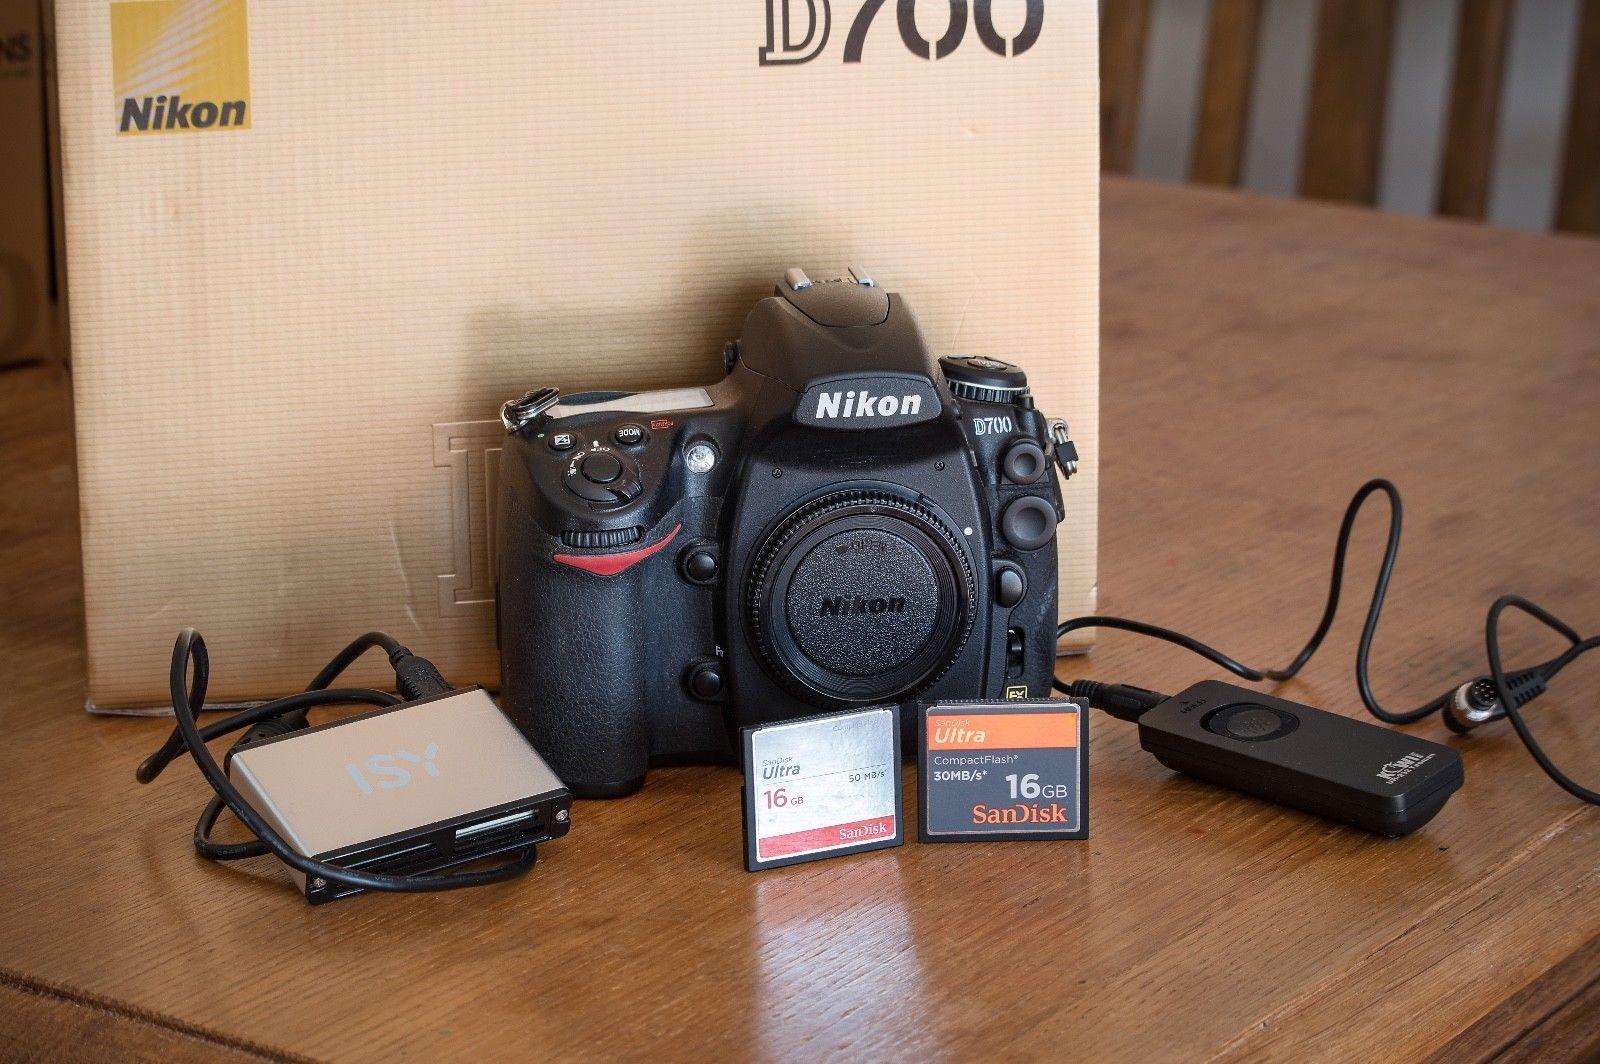 Nikon D700 in Top Zustand! Nur 19.576 Auslösungen! OVP mit Zubehörpaket!